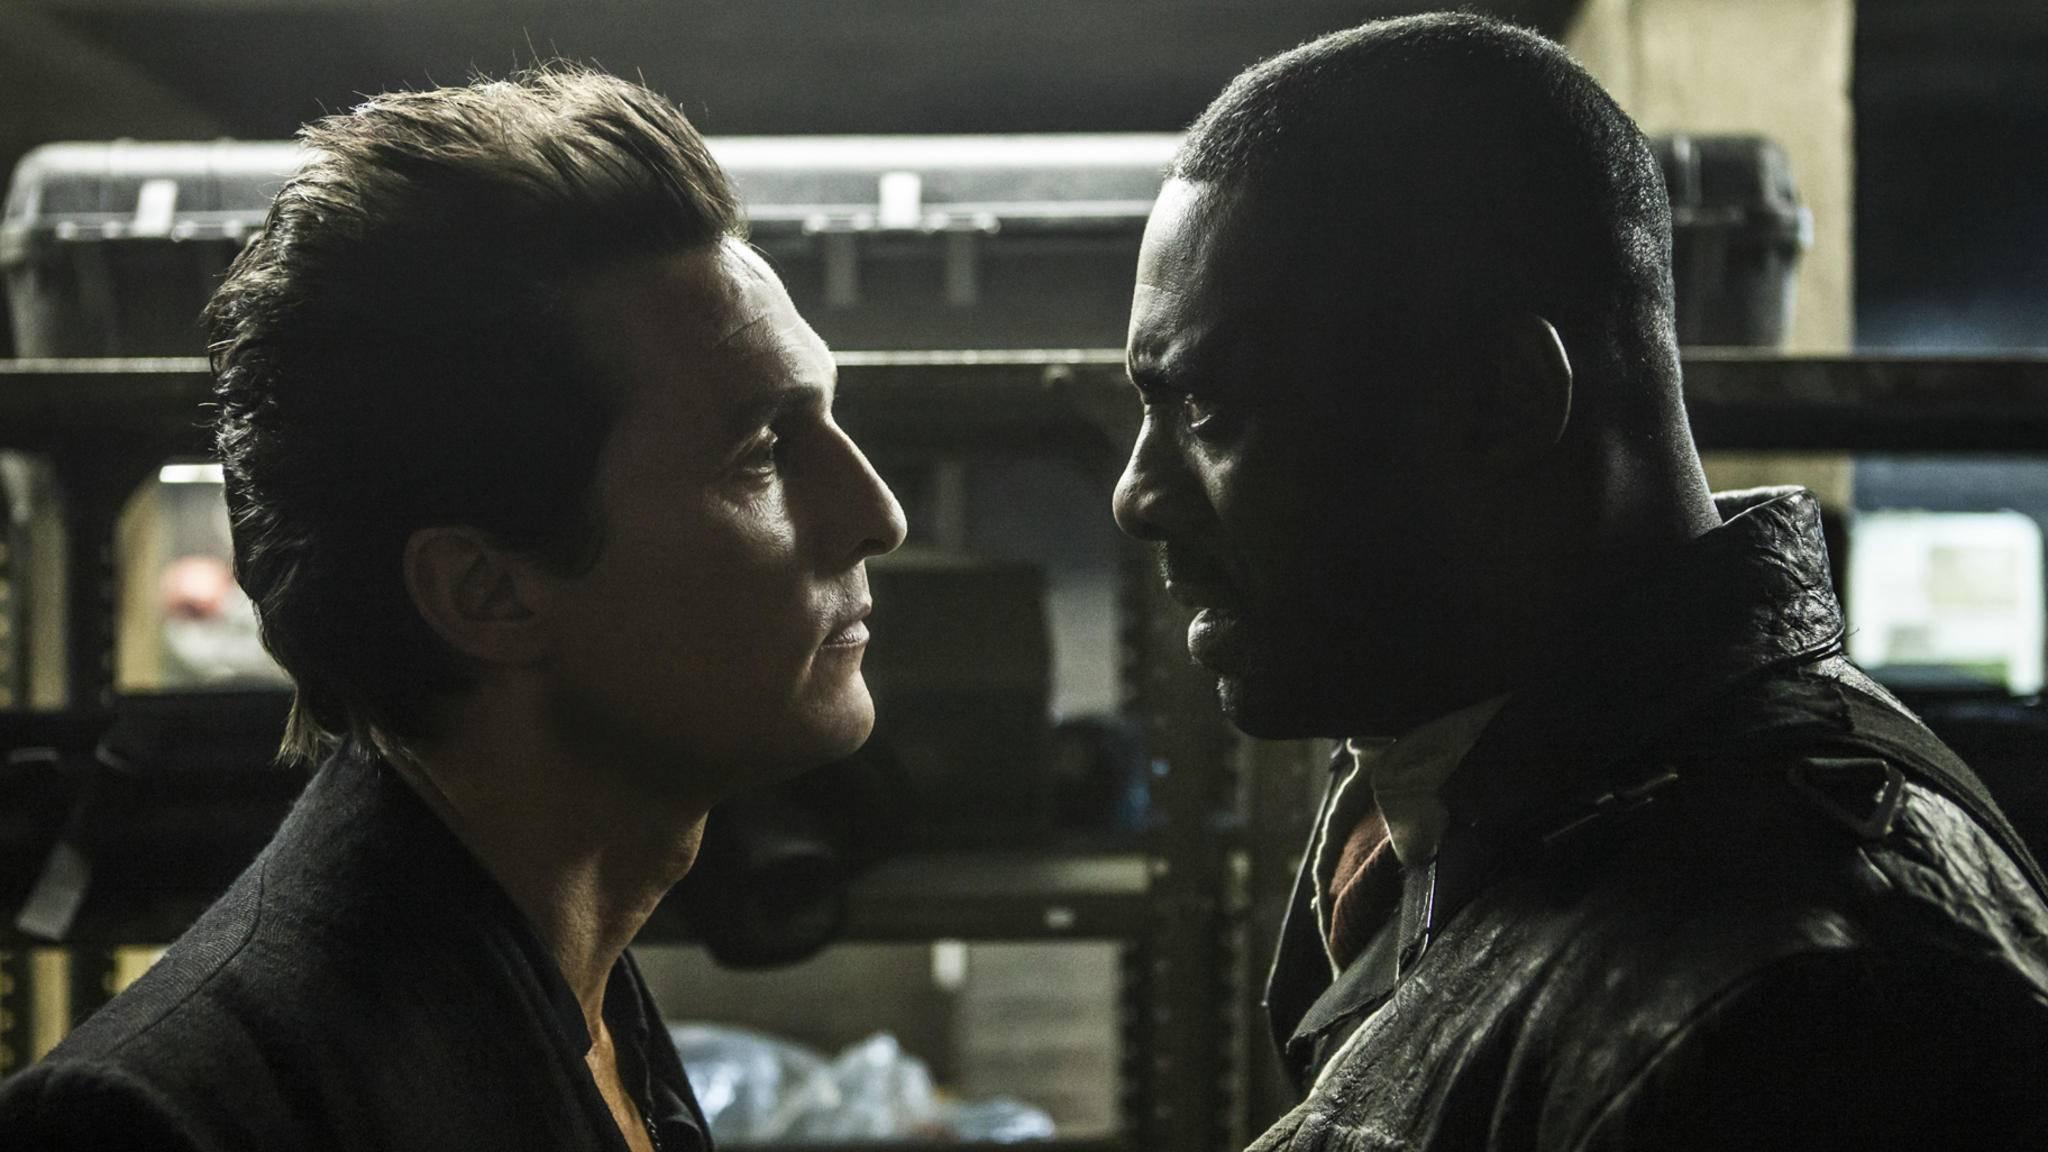 Das Aufeinandertreffen von Roland (Idris Elba) und dem Mann in Schwarz (Matthew McConaughey) dürfte spannend werden.